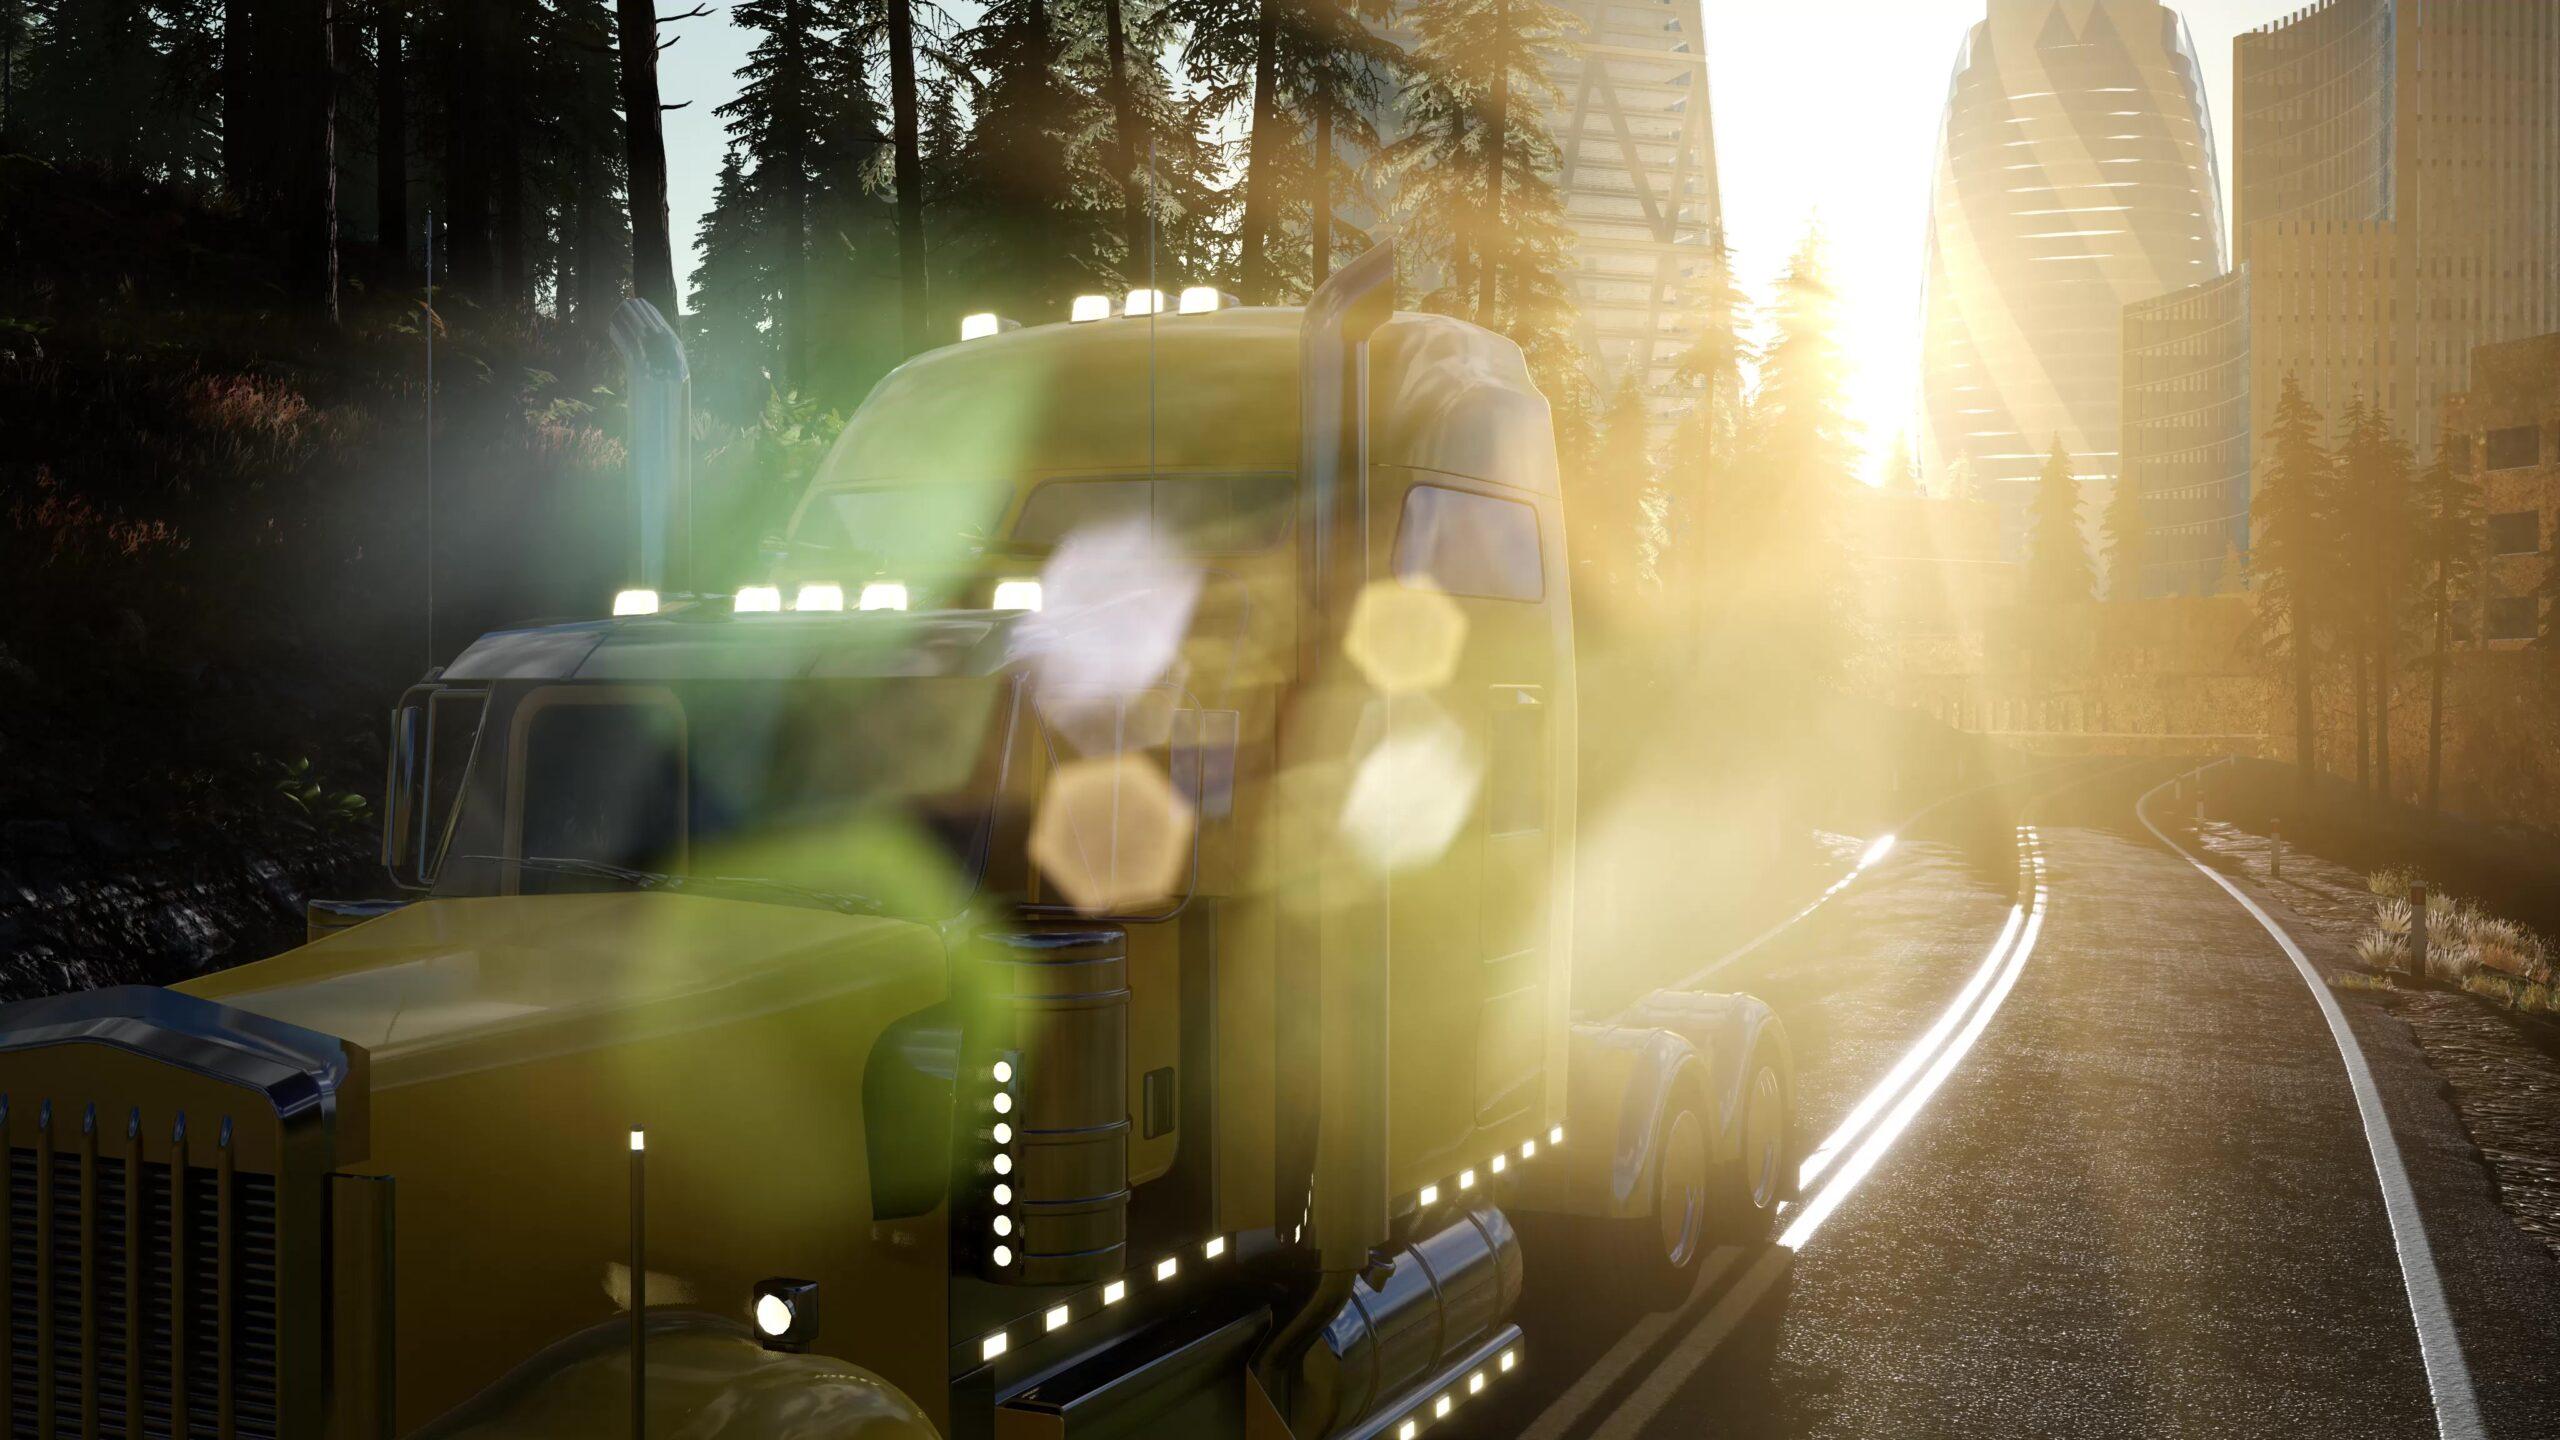 CFS Truck Image, Melbourne, Victoria, Australia,